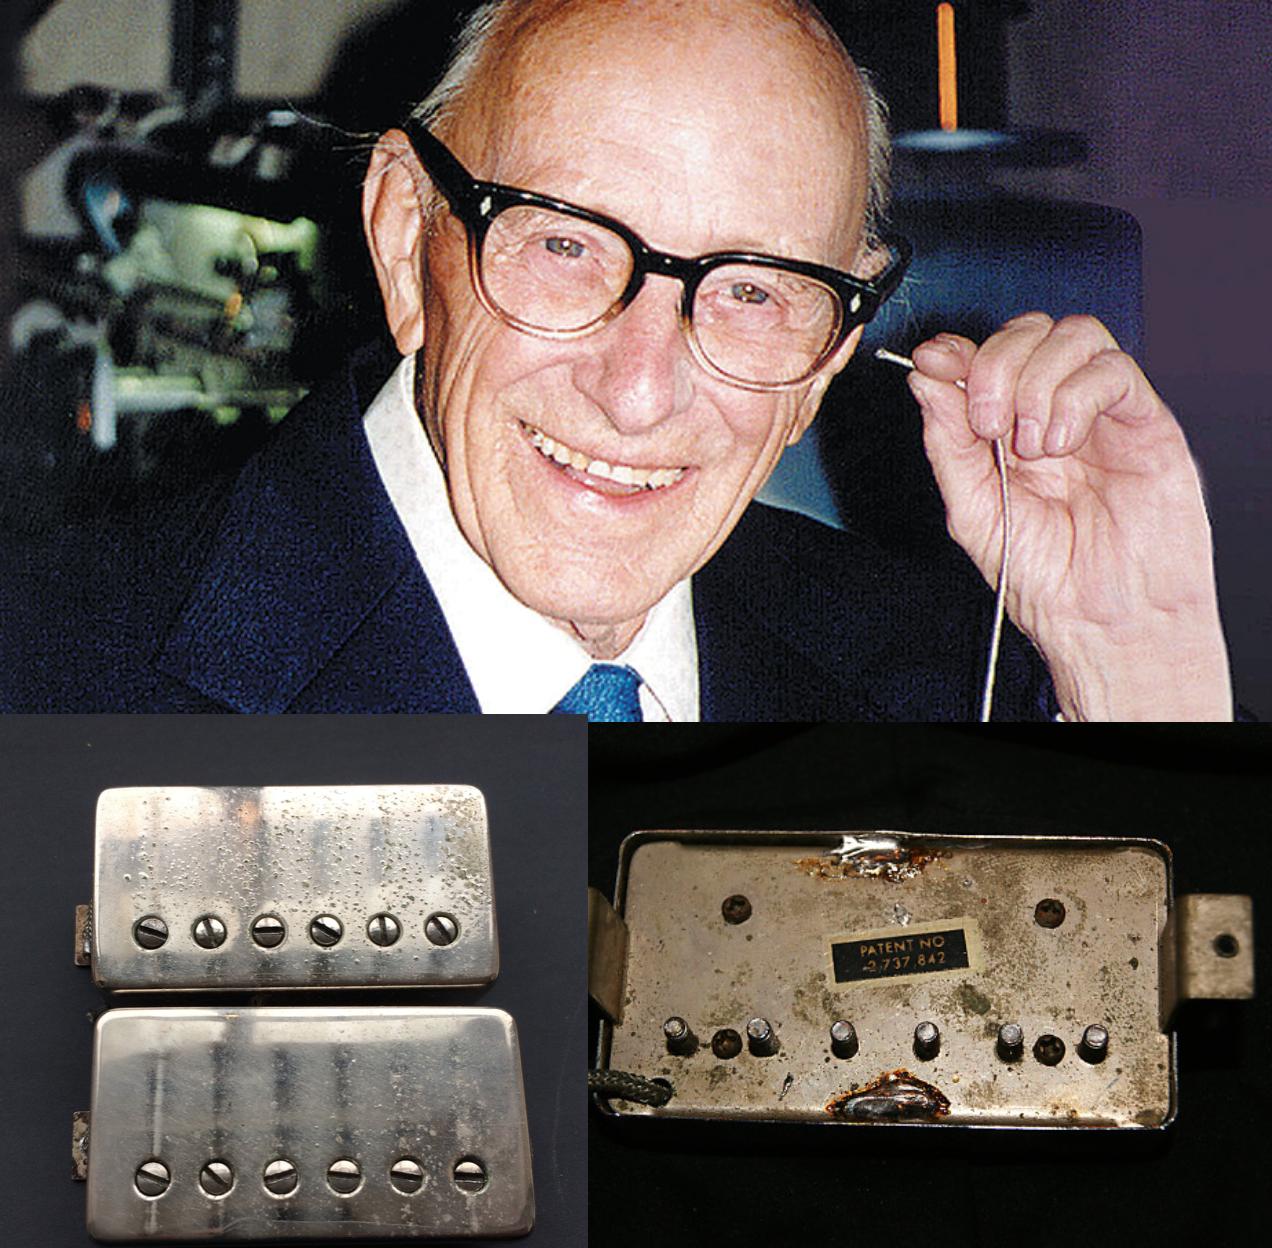 Seth Lover y unas PAF de 1959 y en la otro foto la patente.